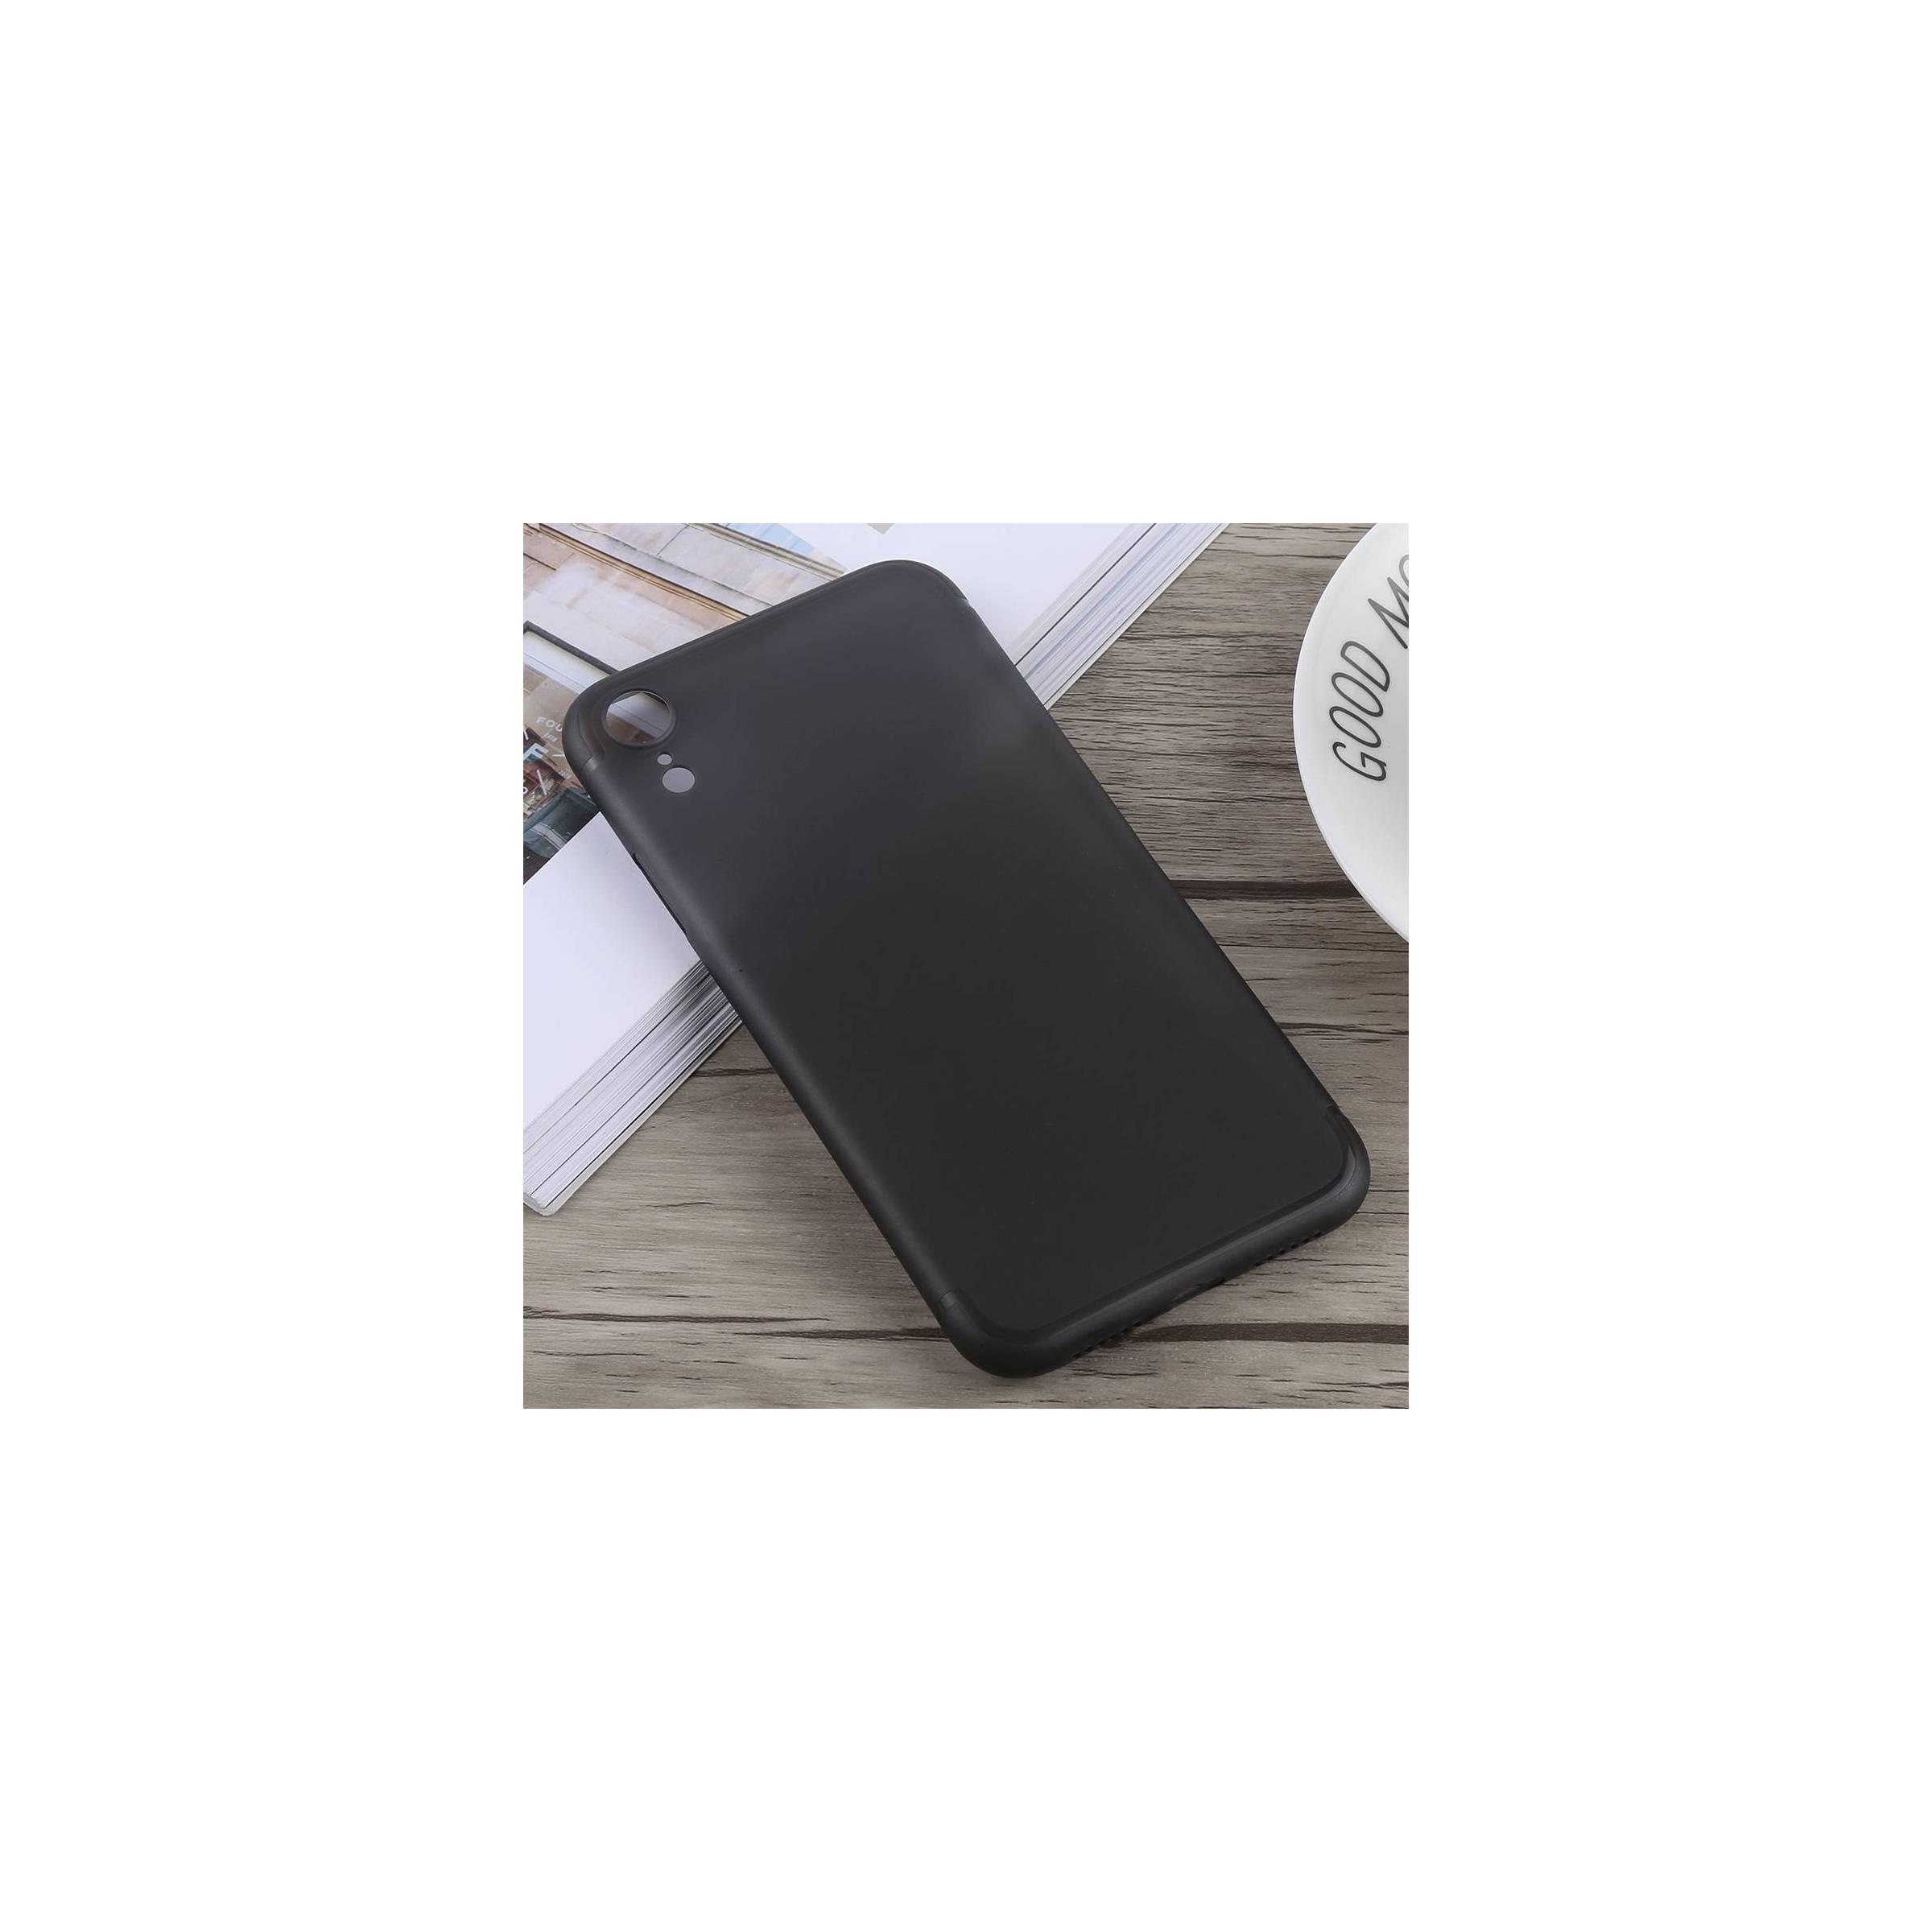 kina oem Ultra tyndt cover til iphone xr farve sort fra mackabler.dk